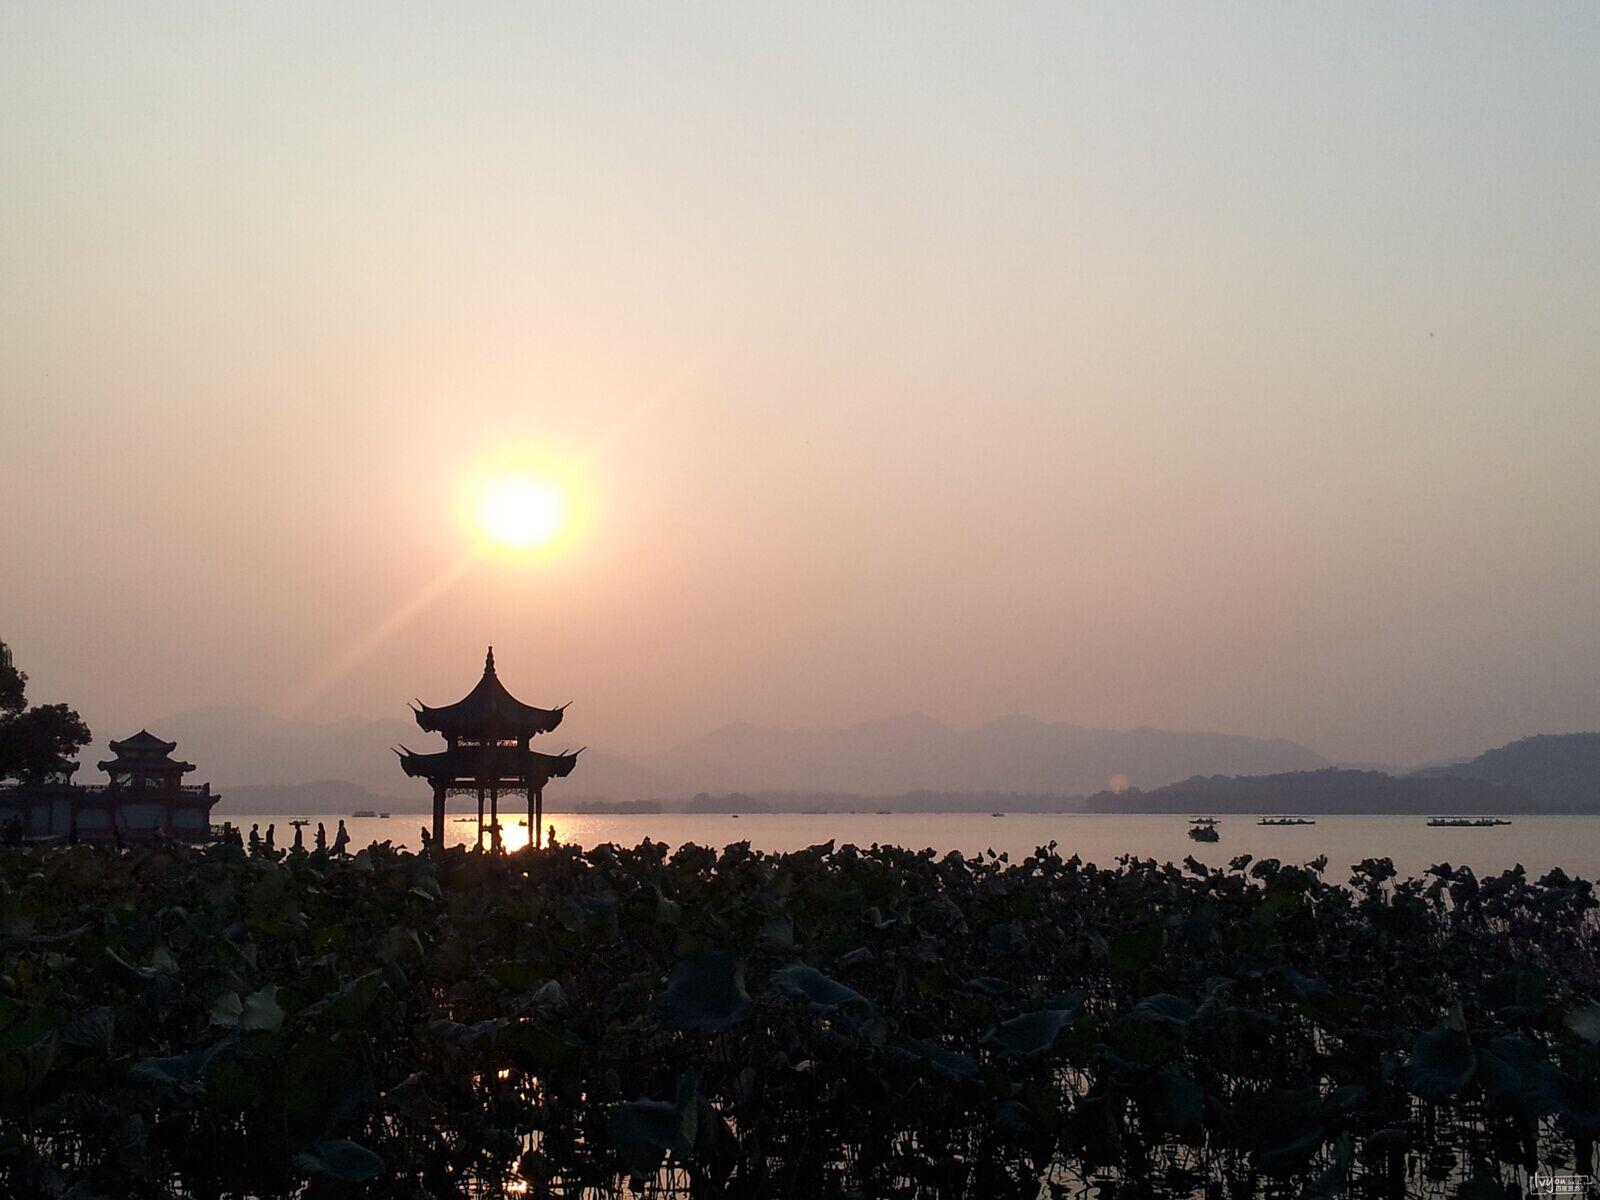 这里作为国家级湖泊型旅游风景区,是去浙江旅游的游客们的必游之地.